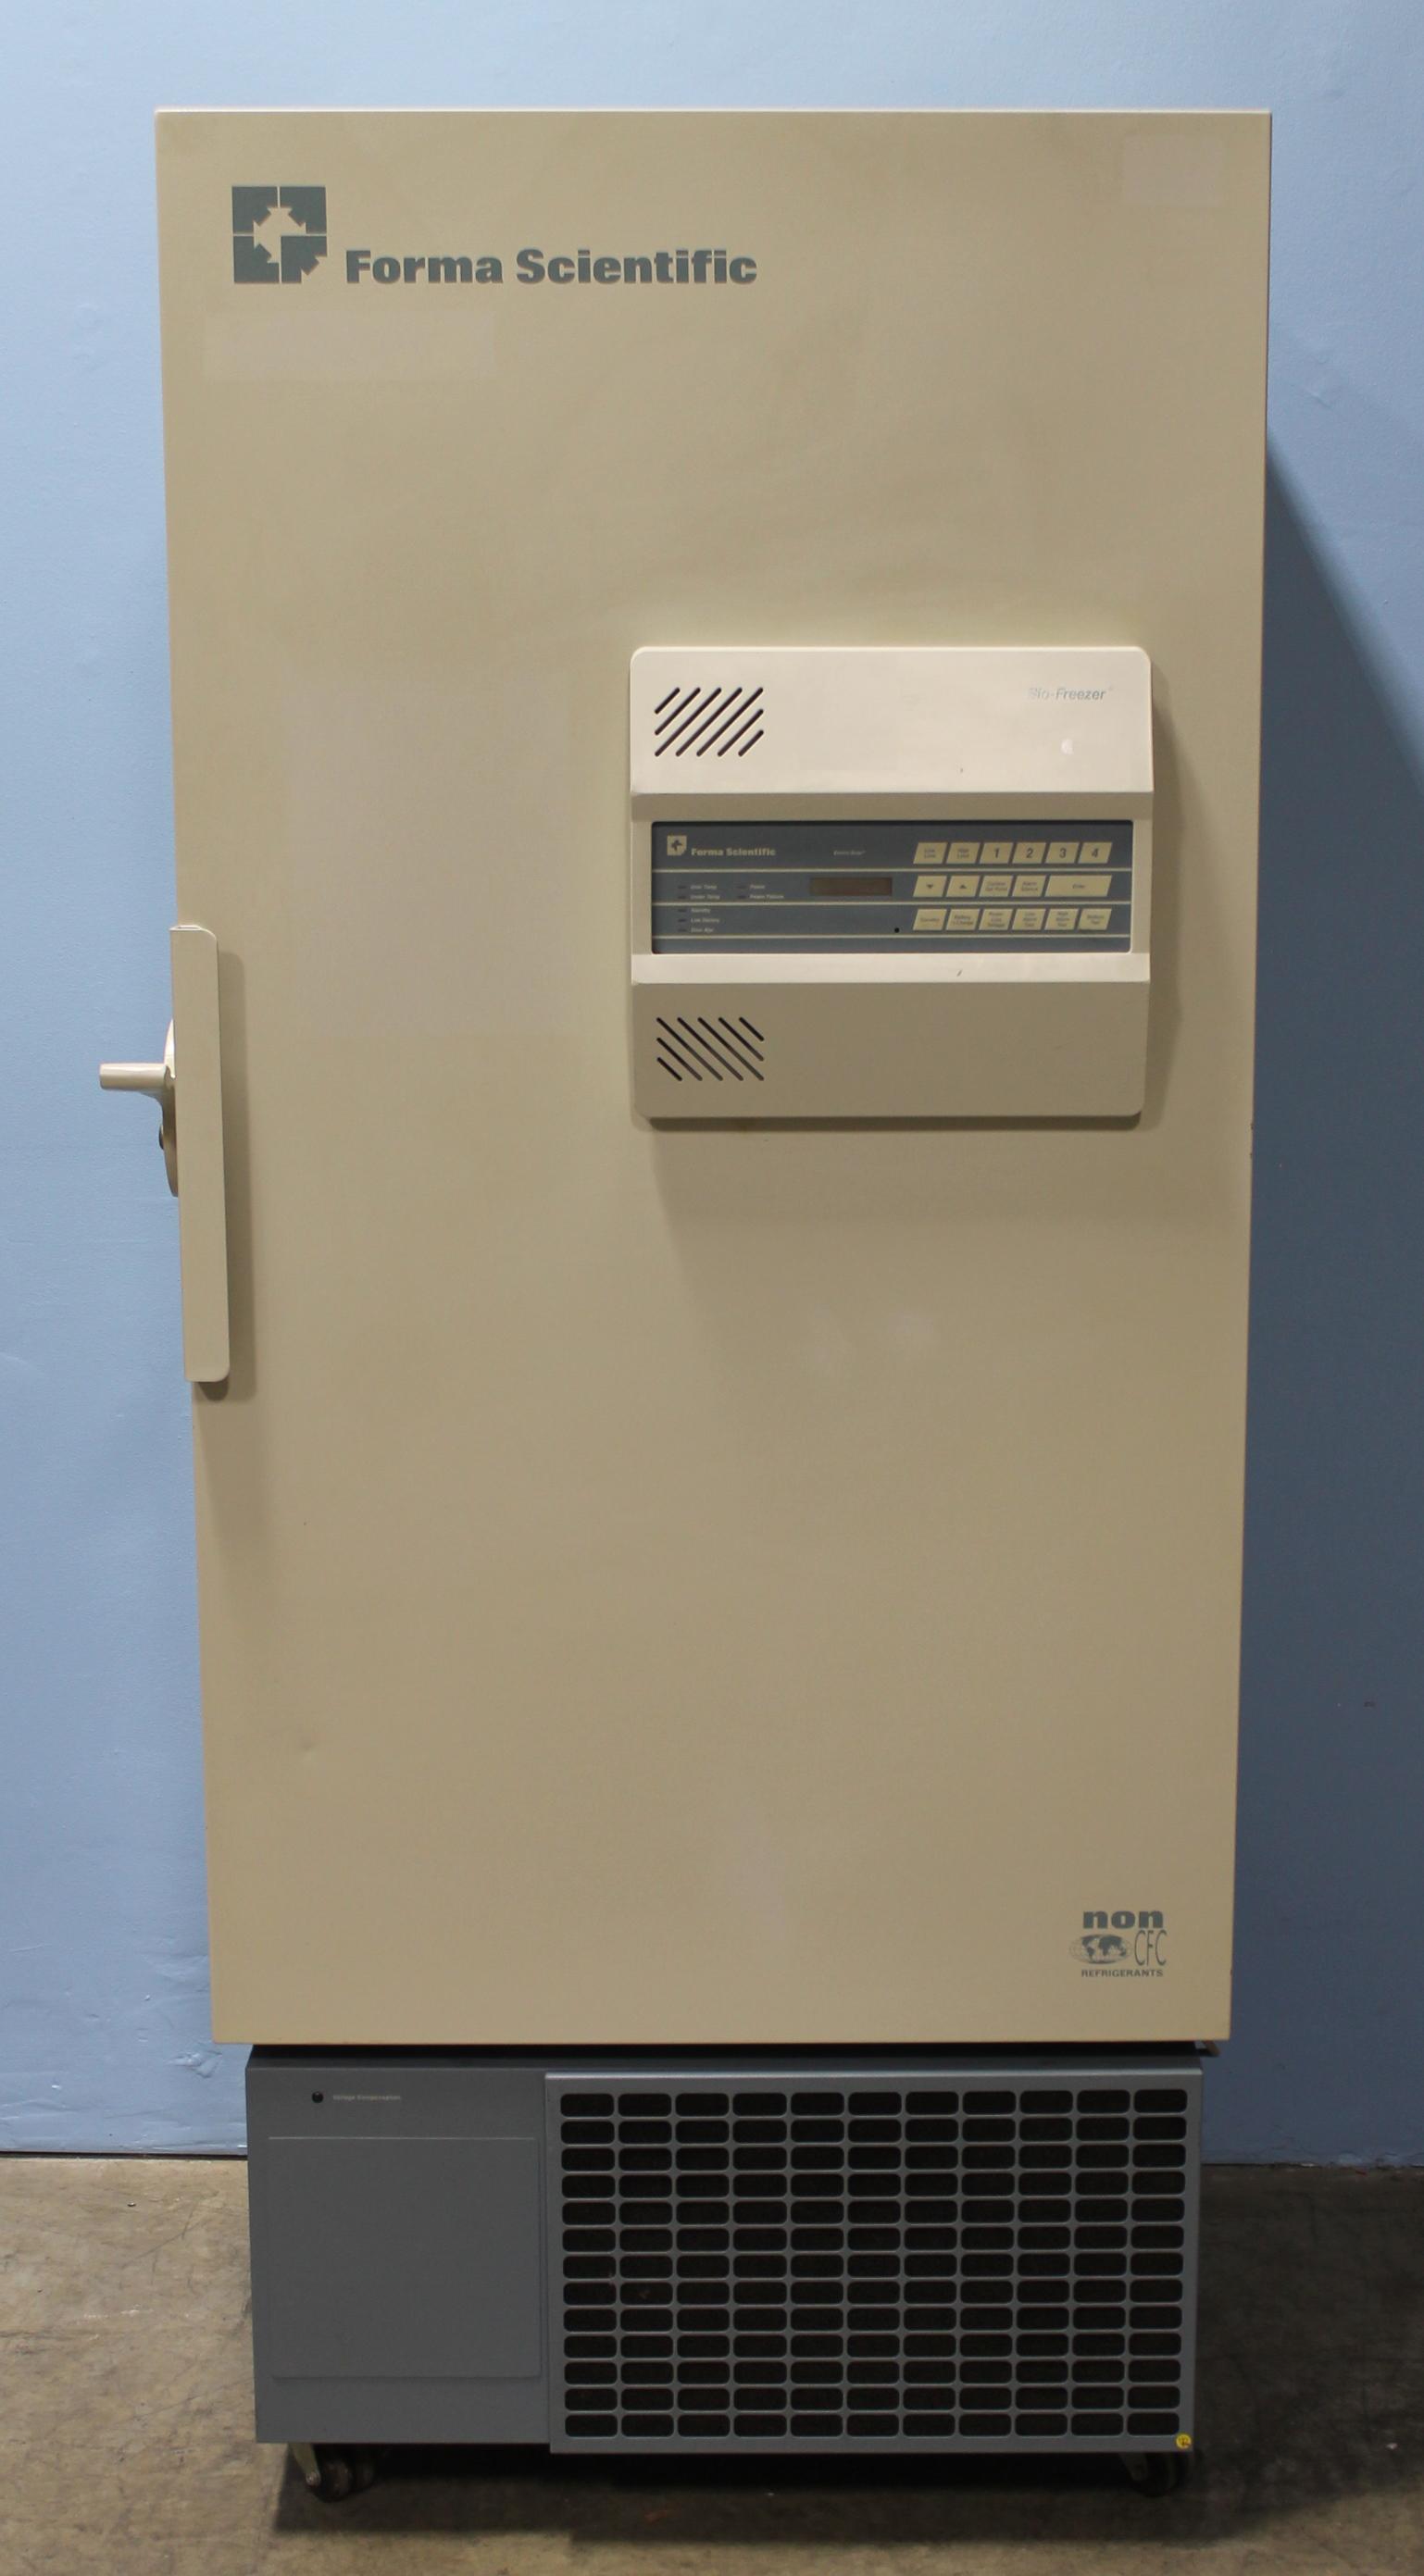 Forma Scientific Model 8517 -80C Bio-Freezer Image